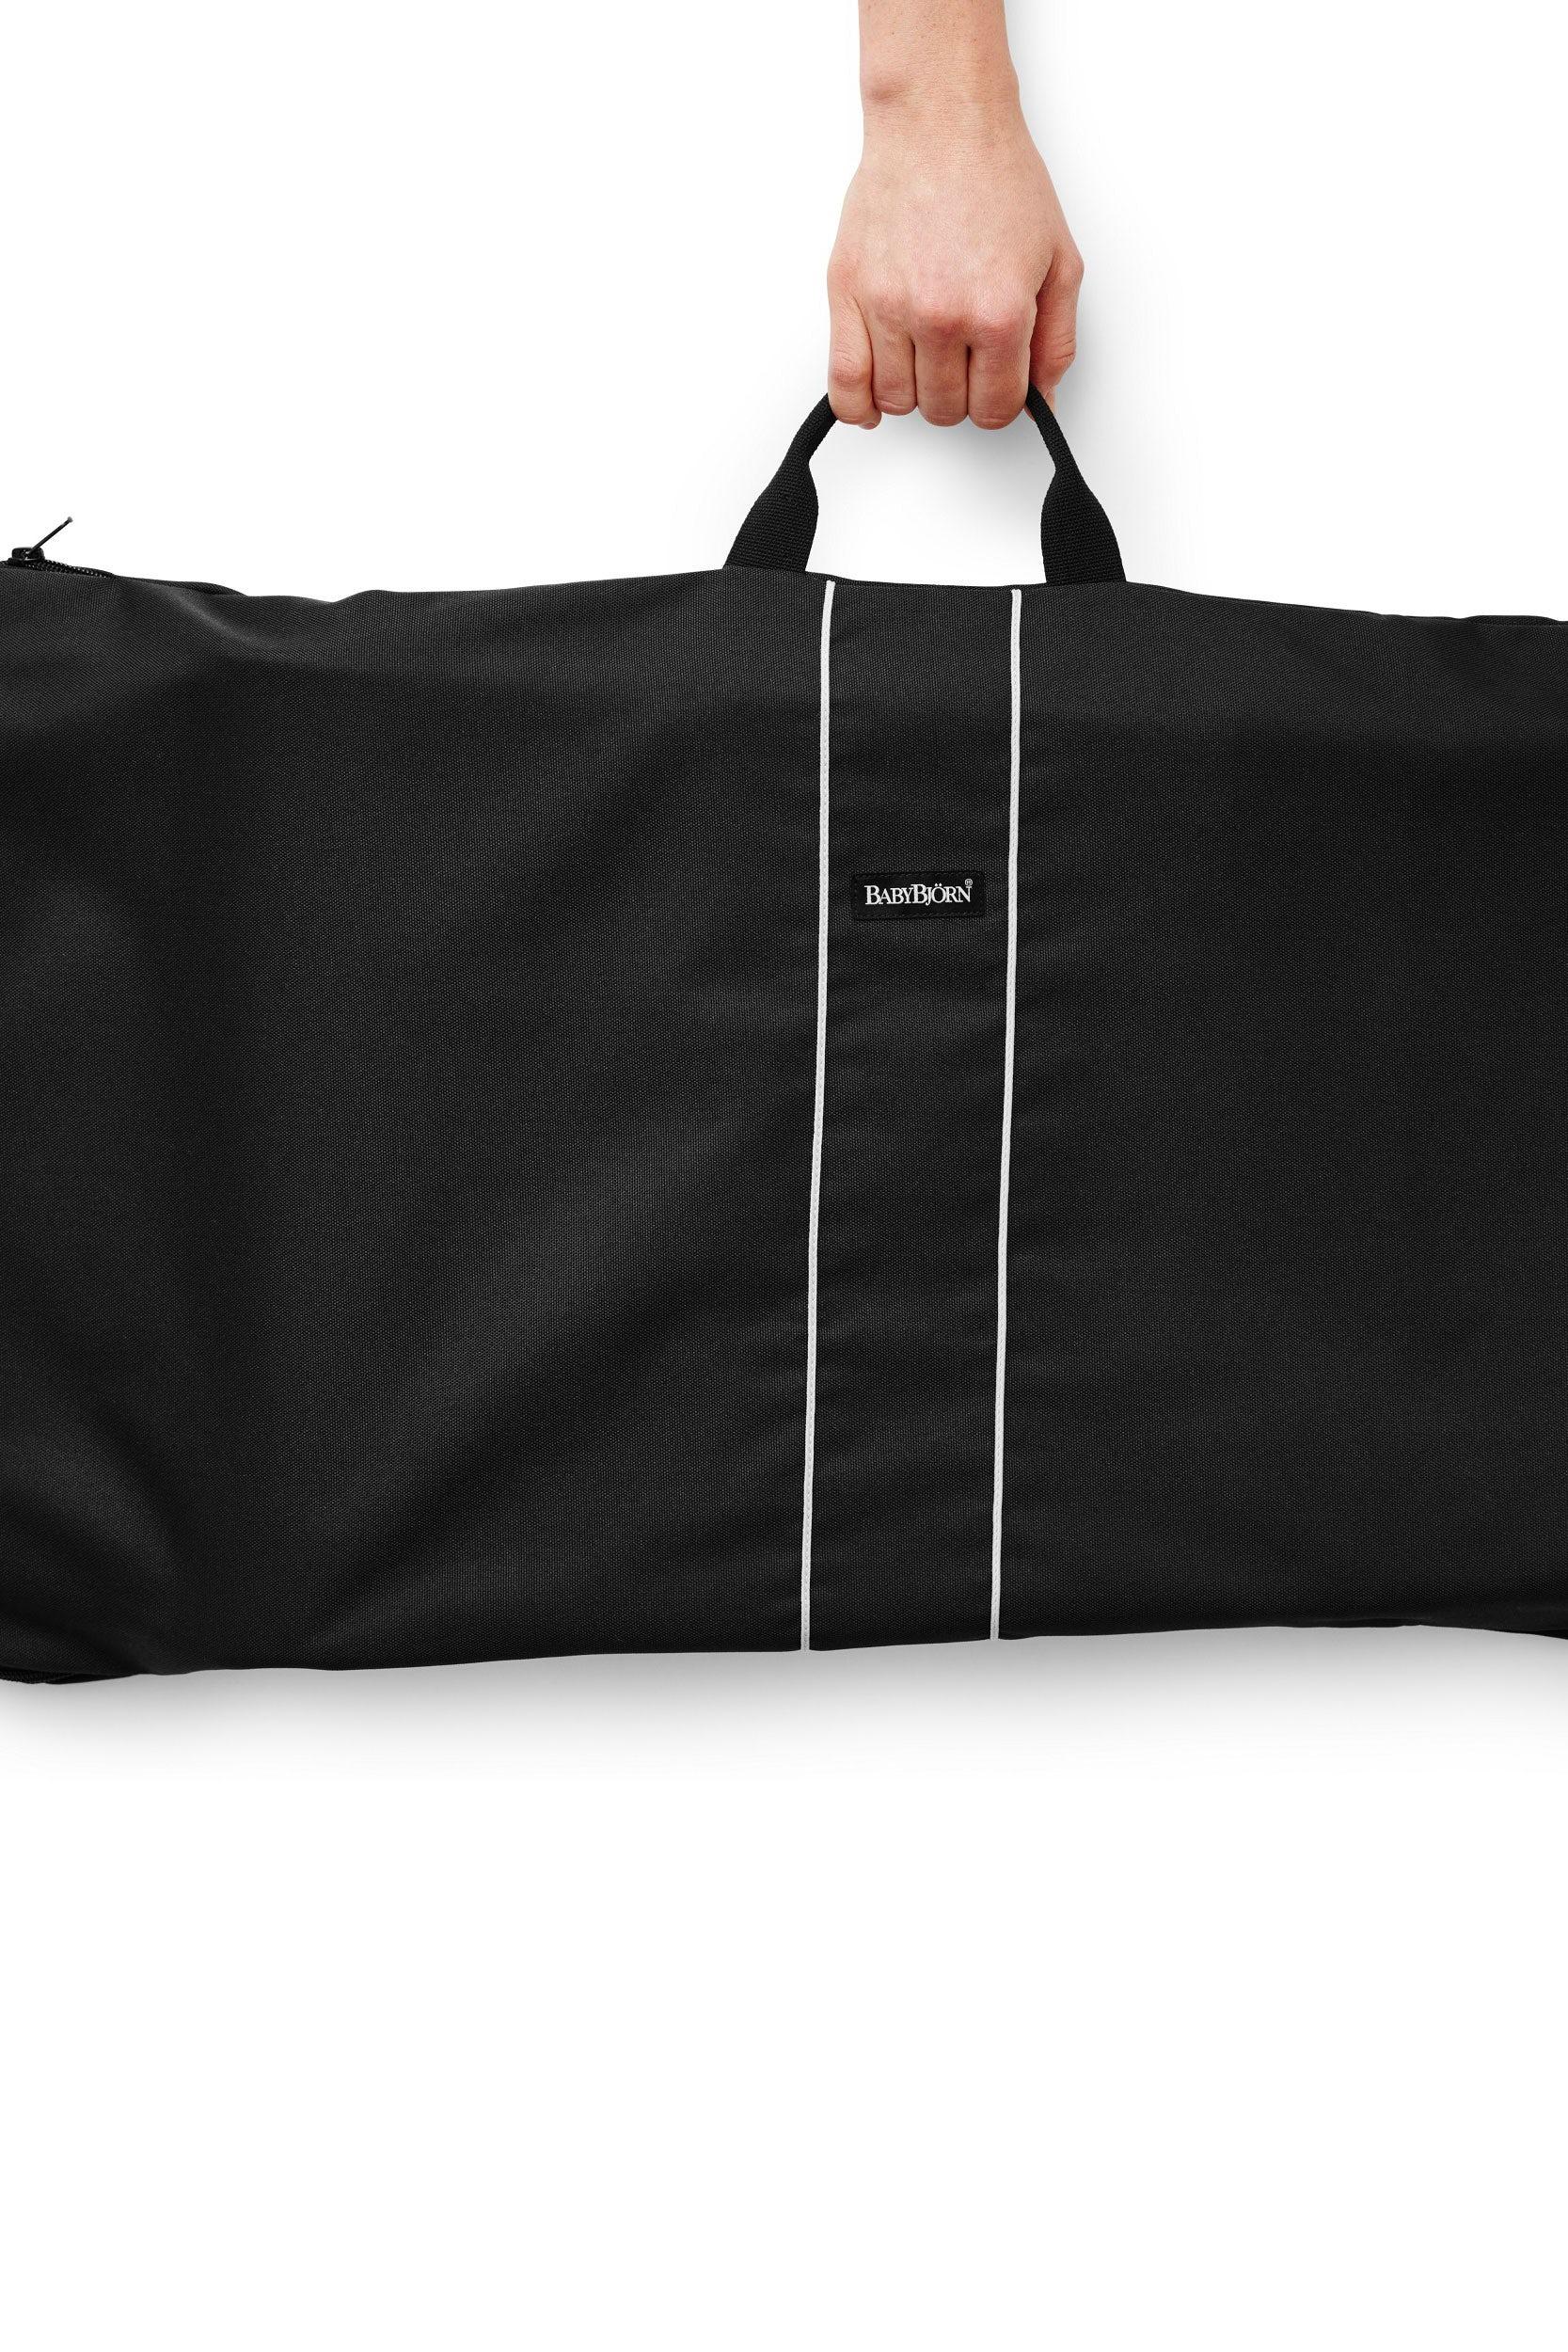 Ležaljka bliss – torba